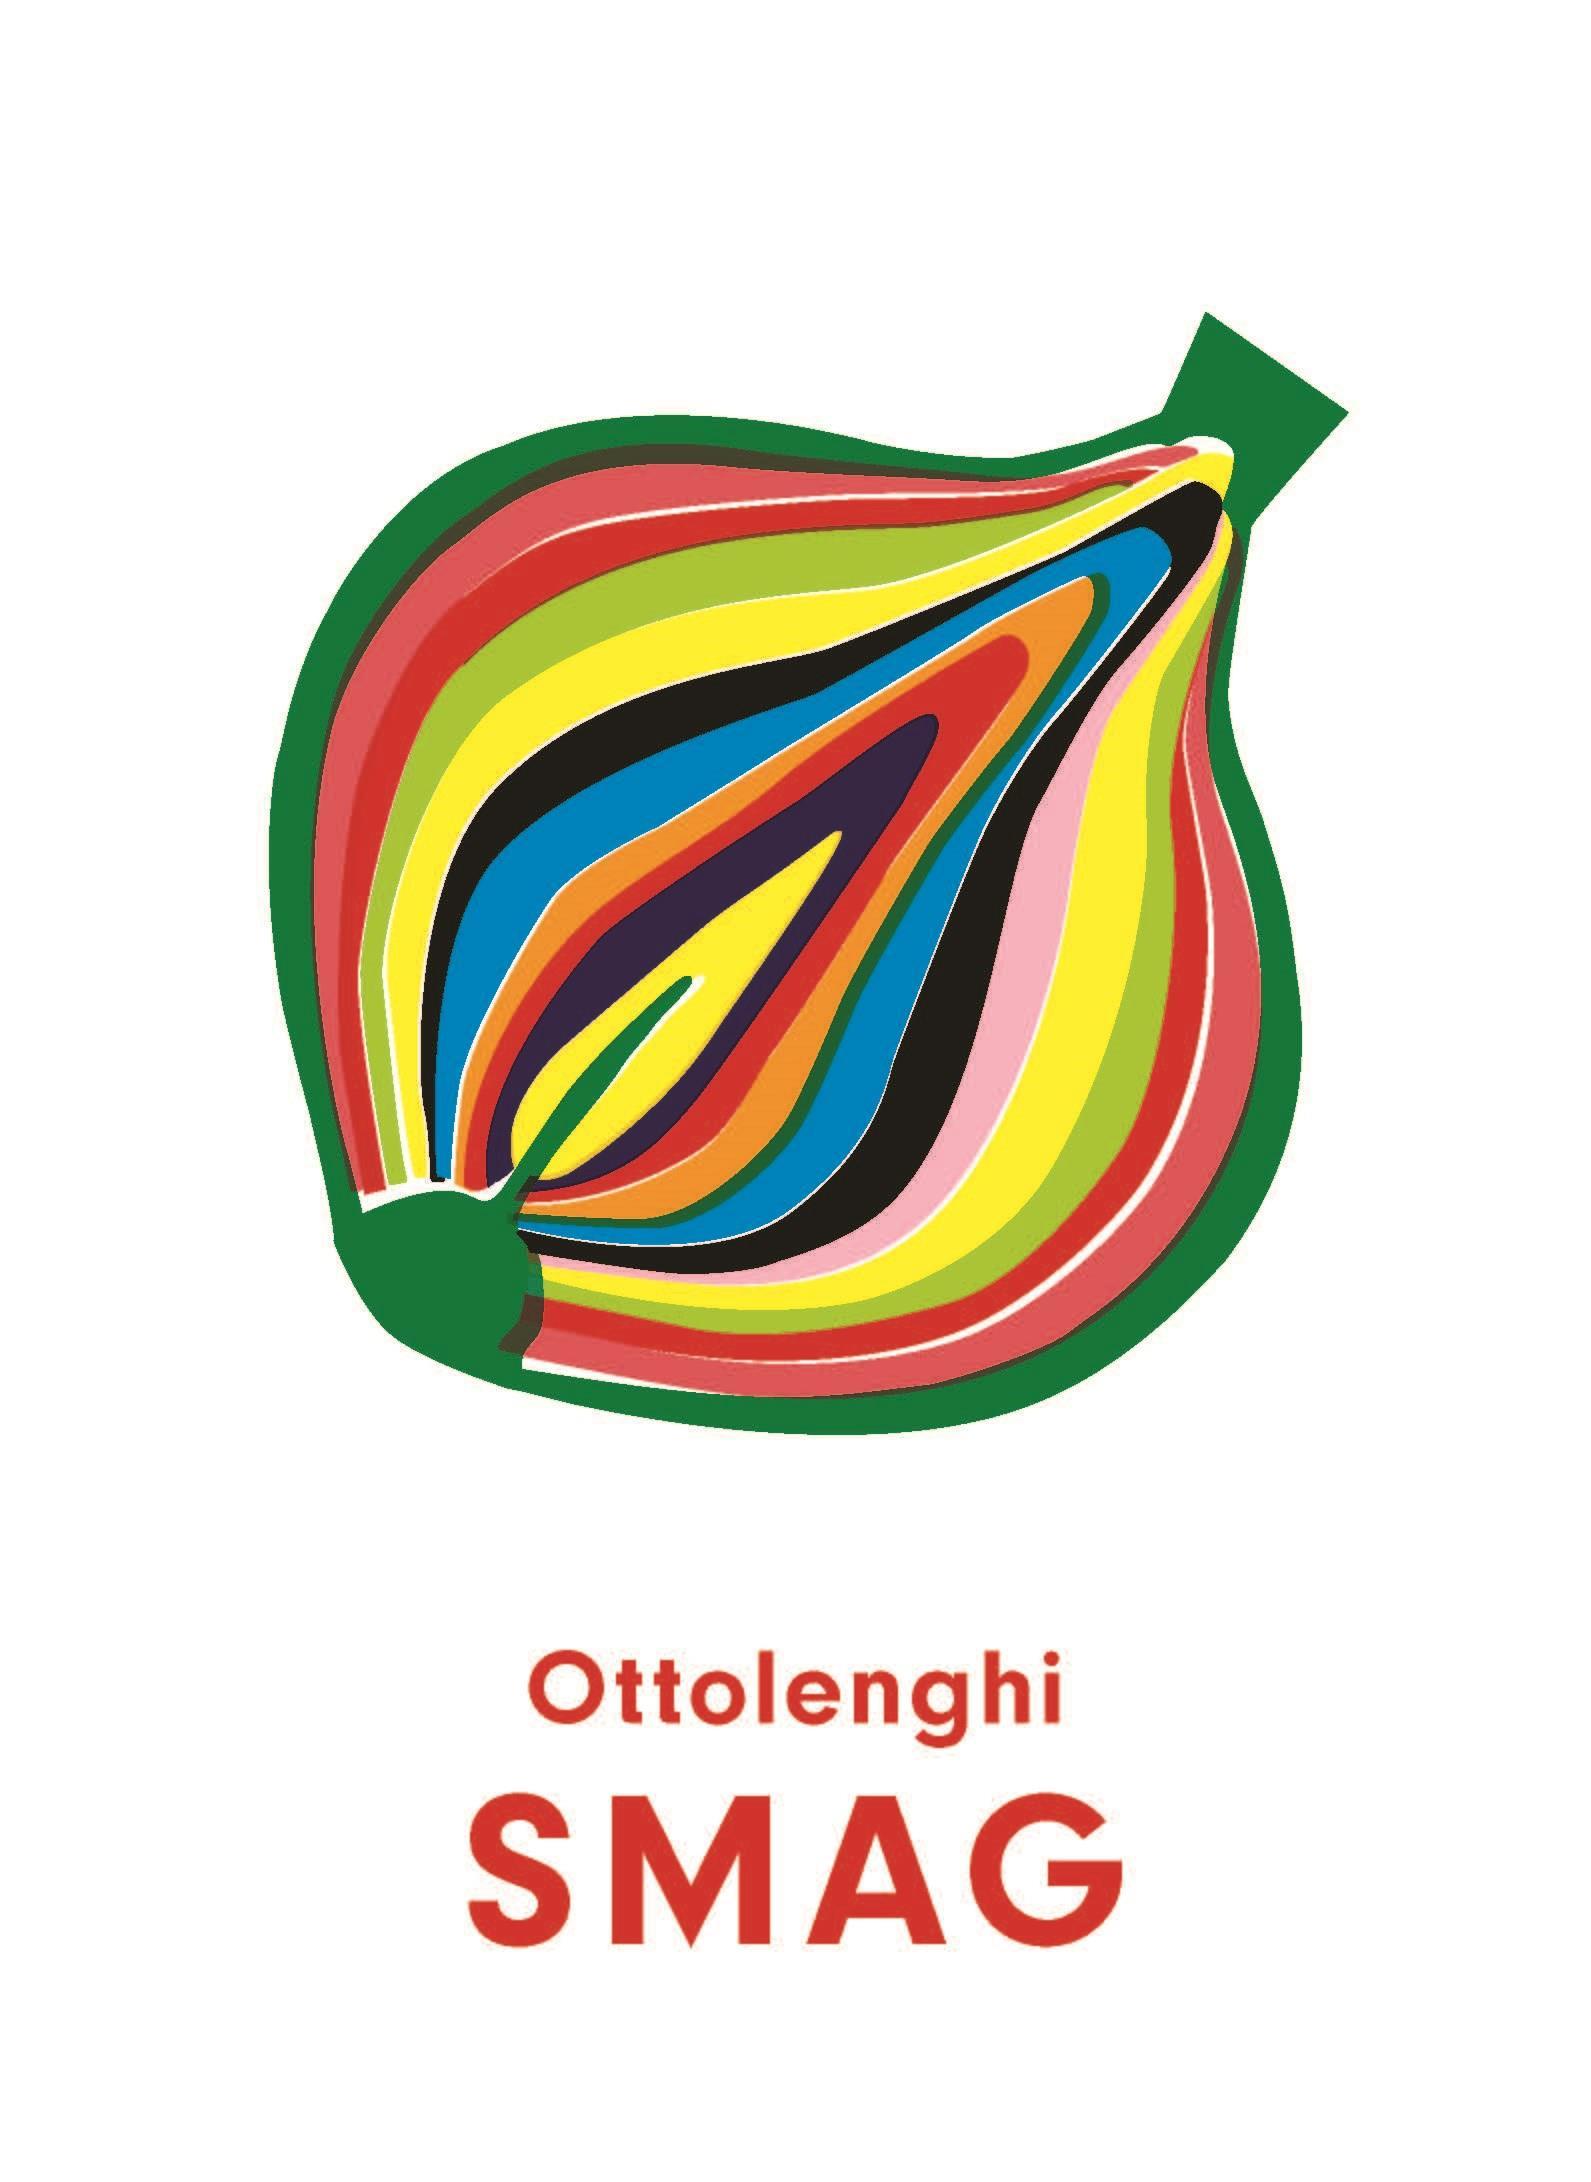 Smag - Yotam Ottolenghi - Bøger - Lindhardt og Ringhof - 9788711980590 - October 7, 2020